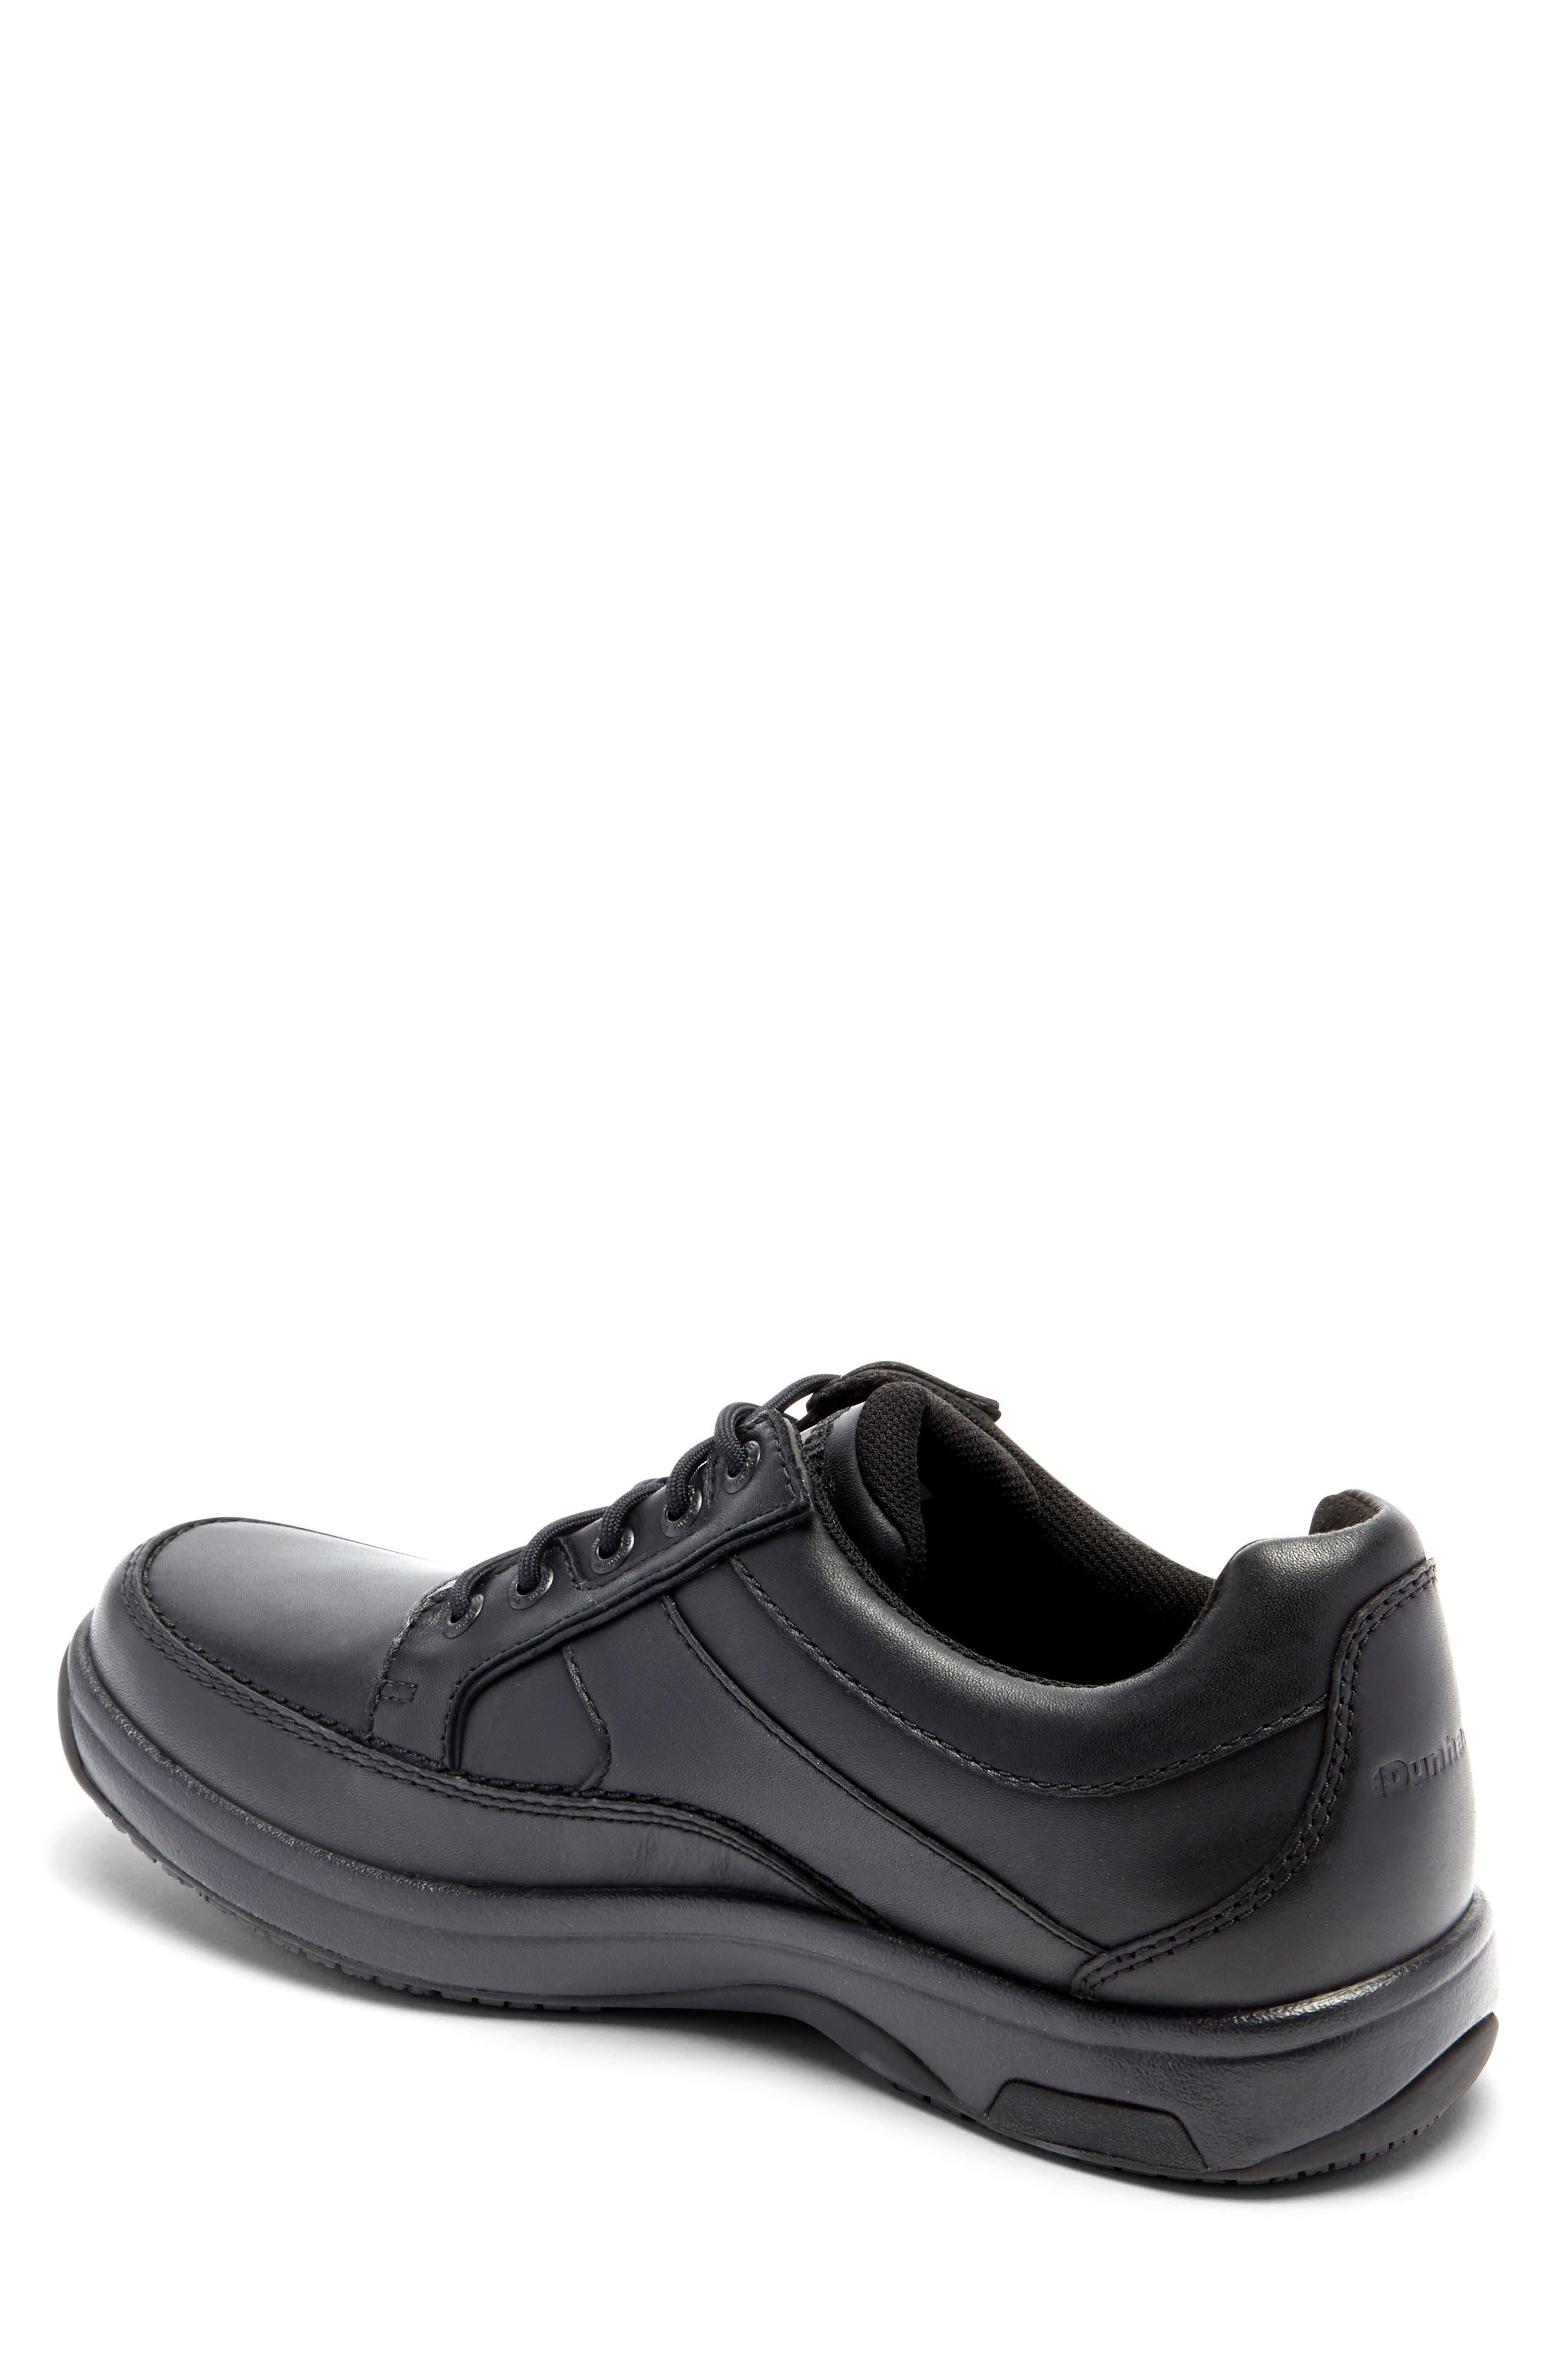 9ca4da1be7d391 Dunham Shoes